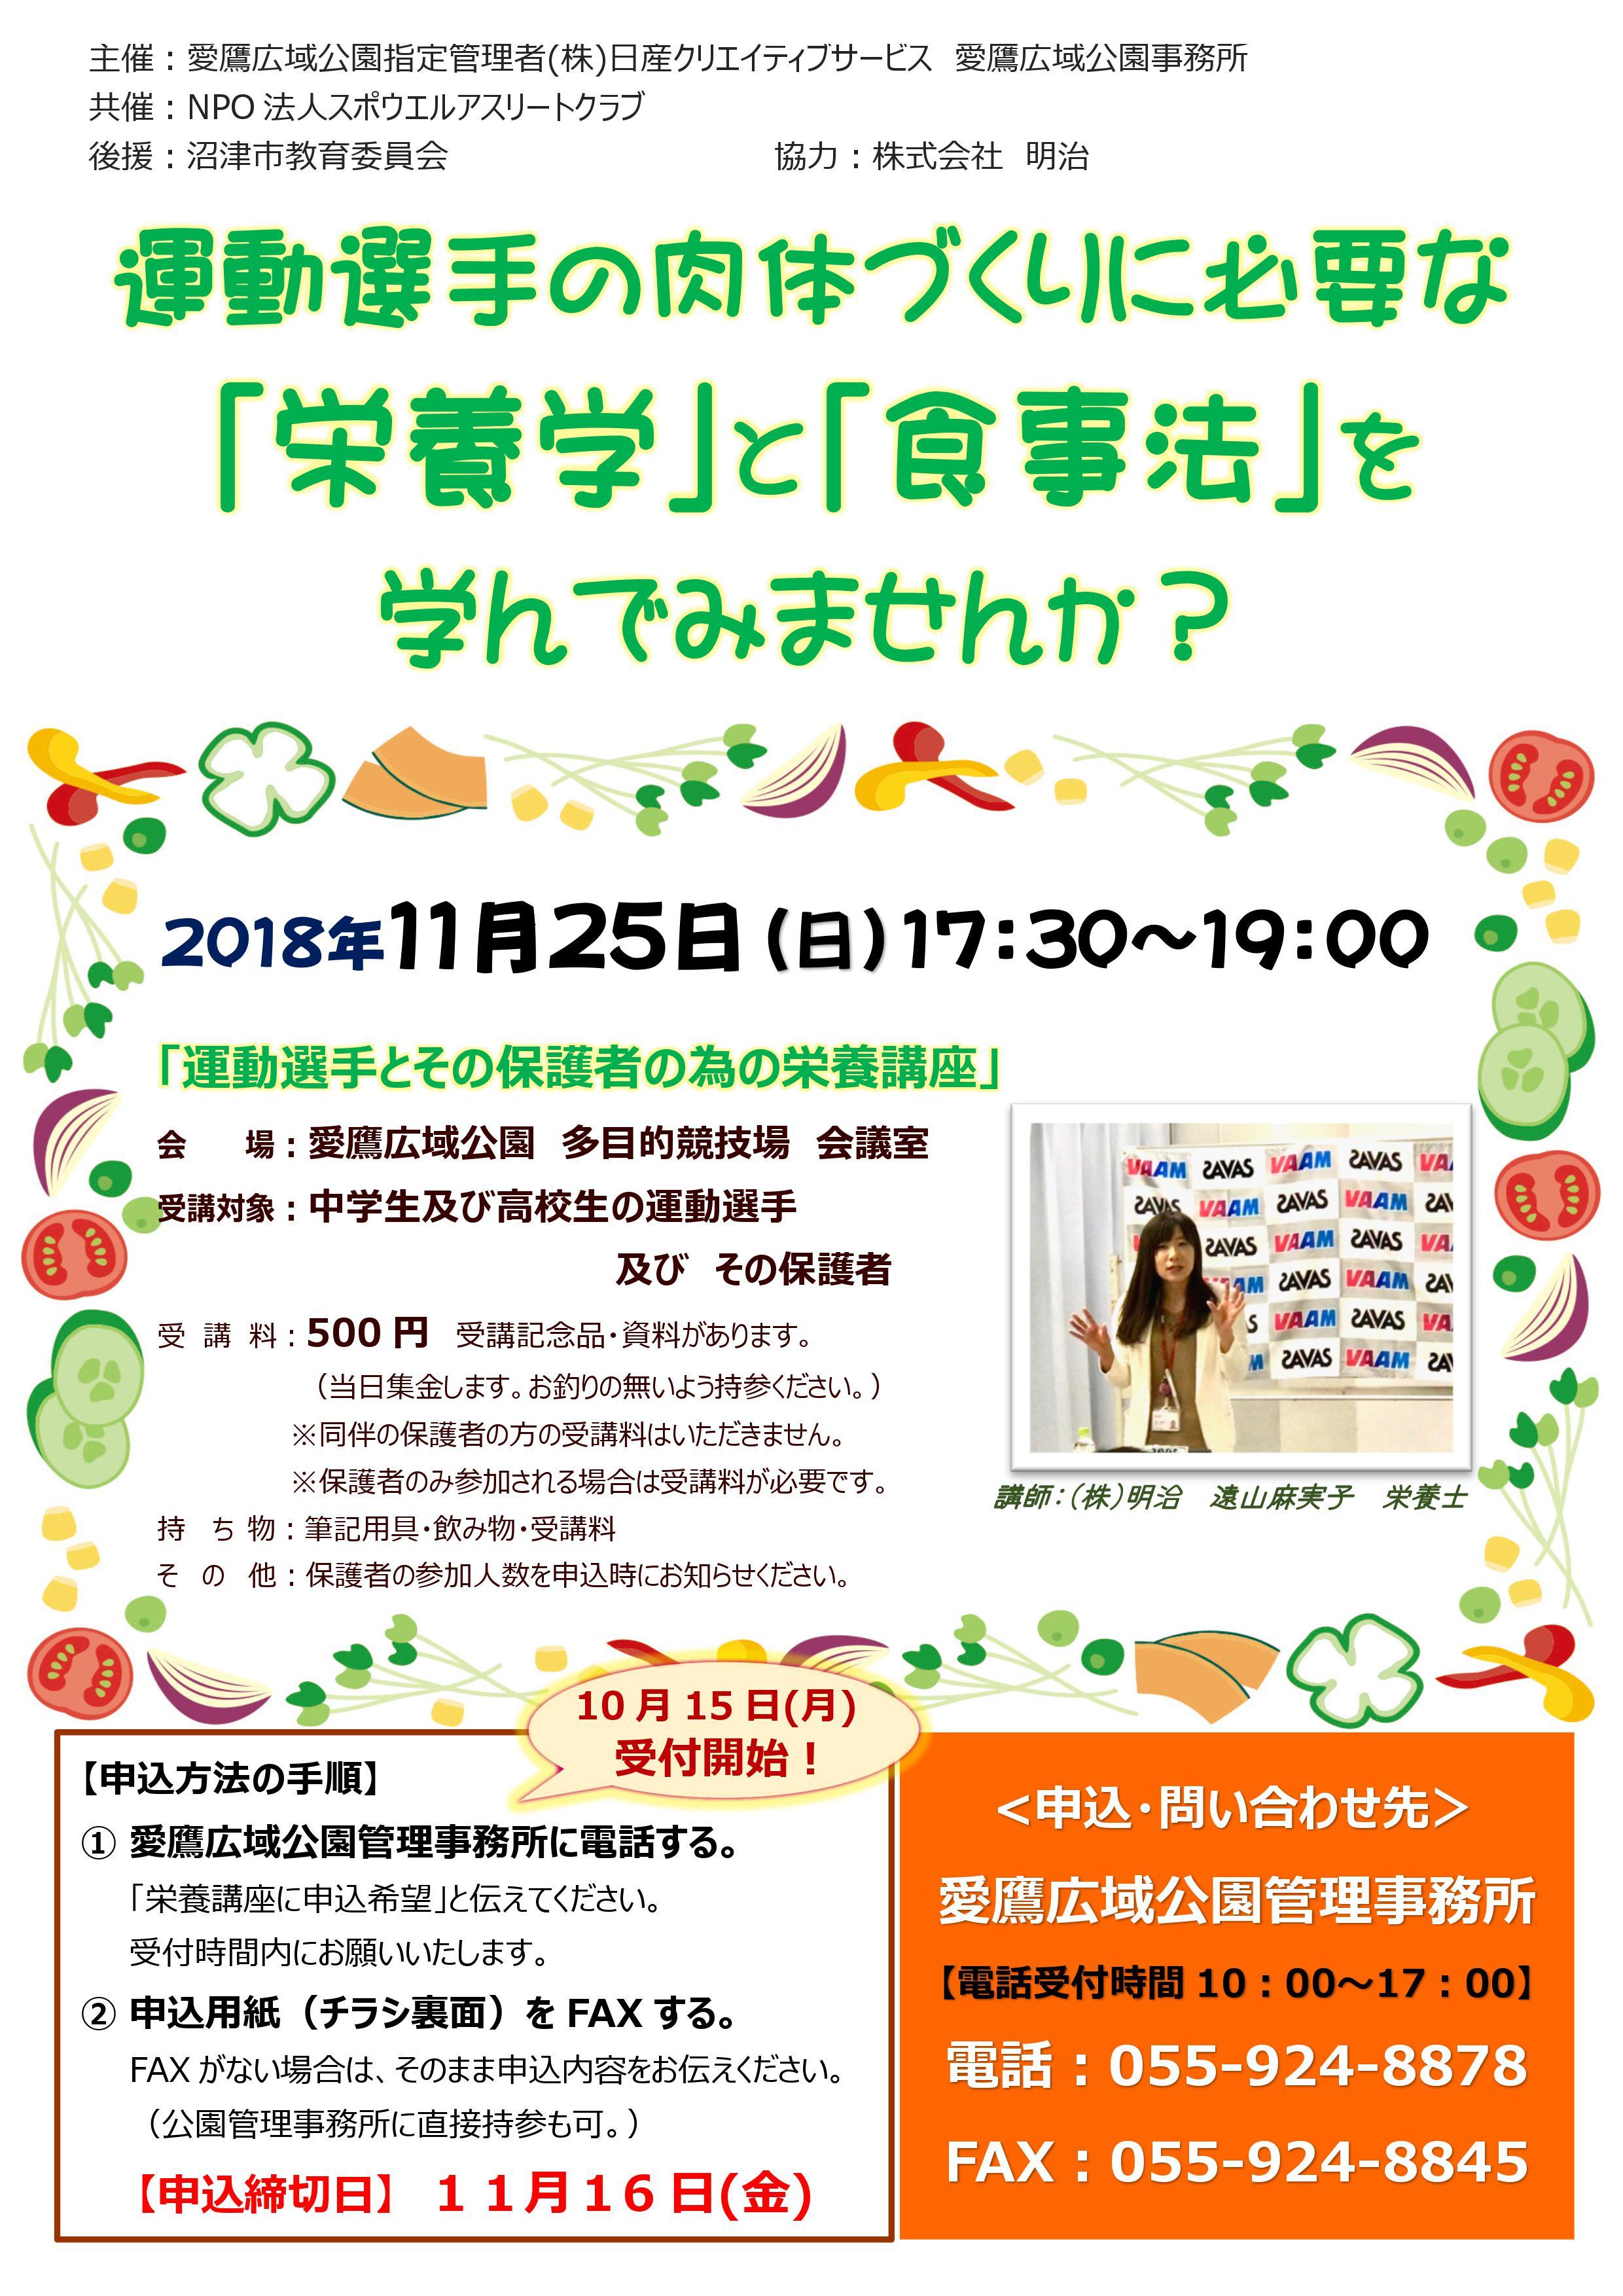 愛鷹主催20181125栄養講座チラシ表